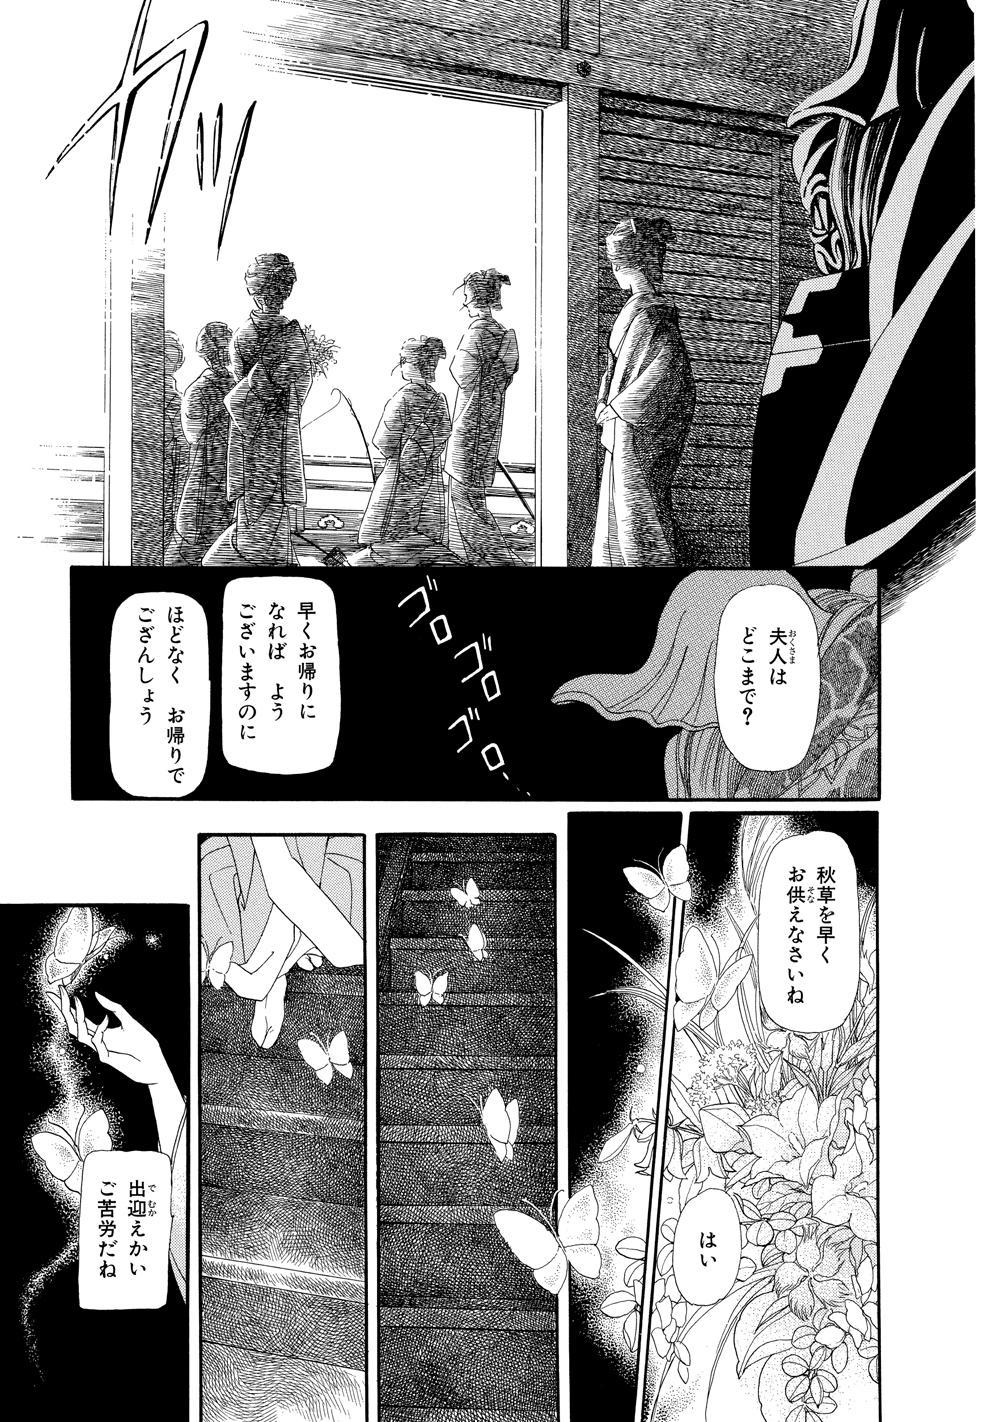 鏡花夢幻01_011.jpg